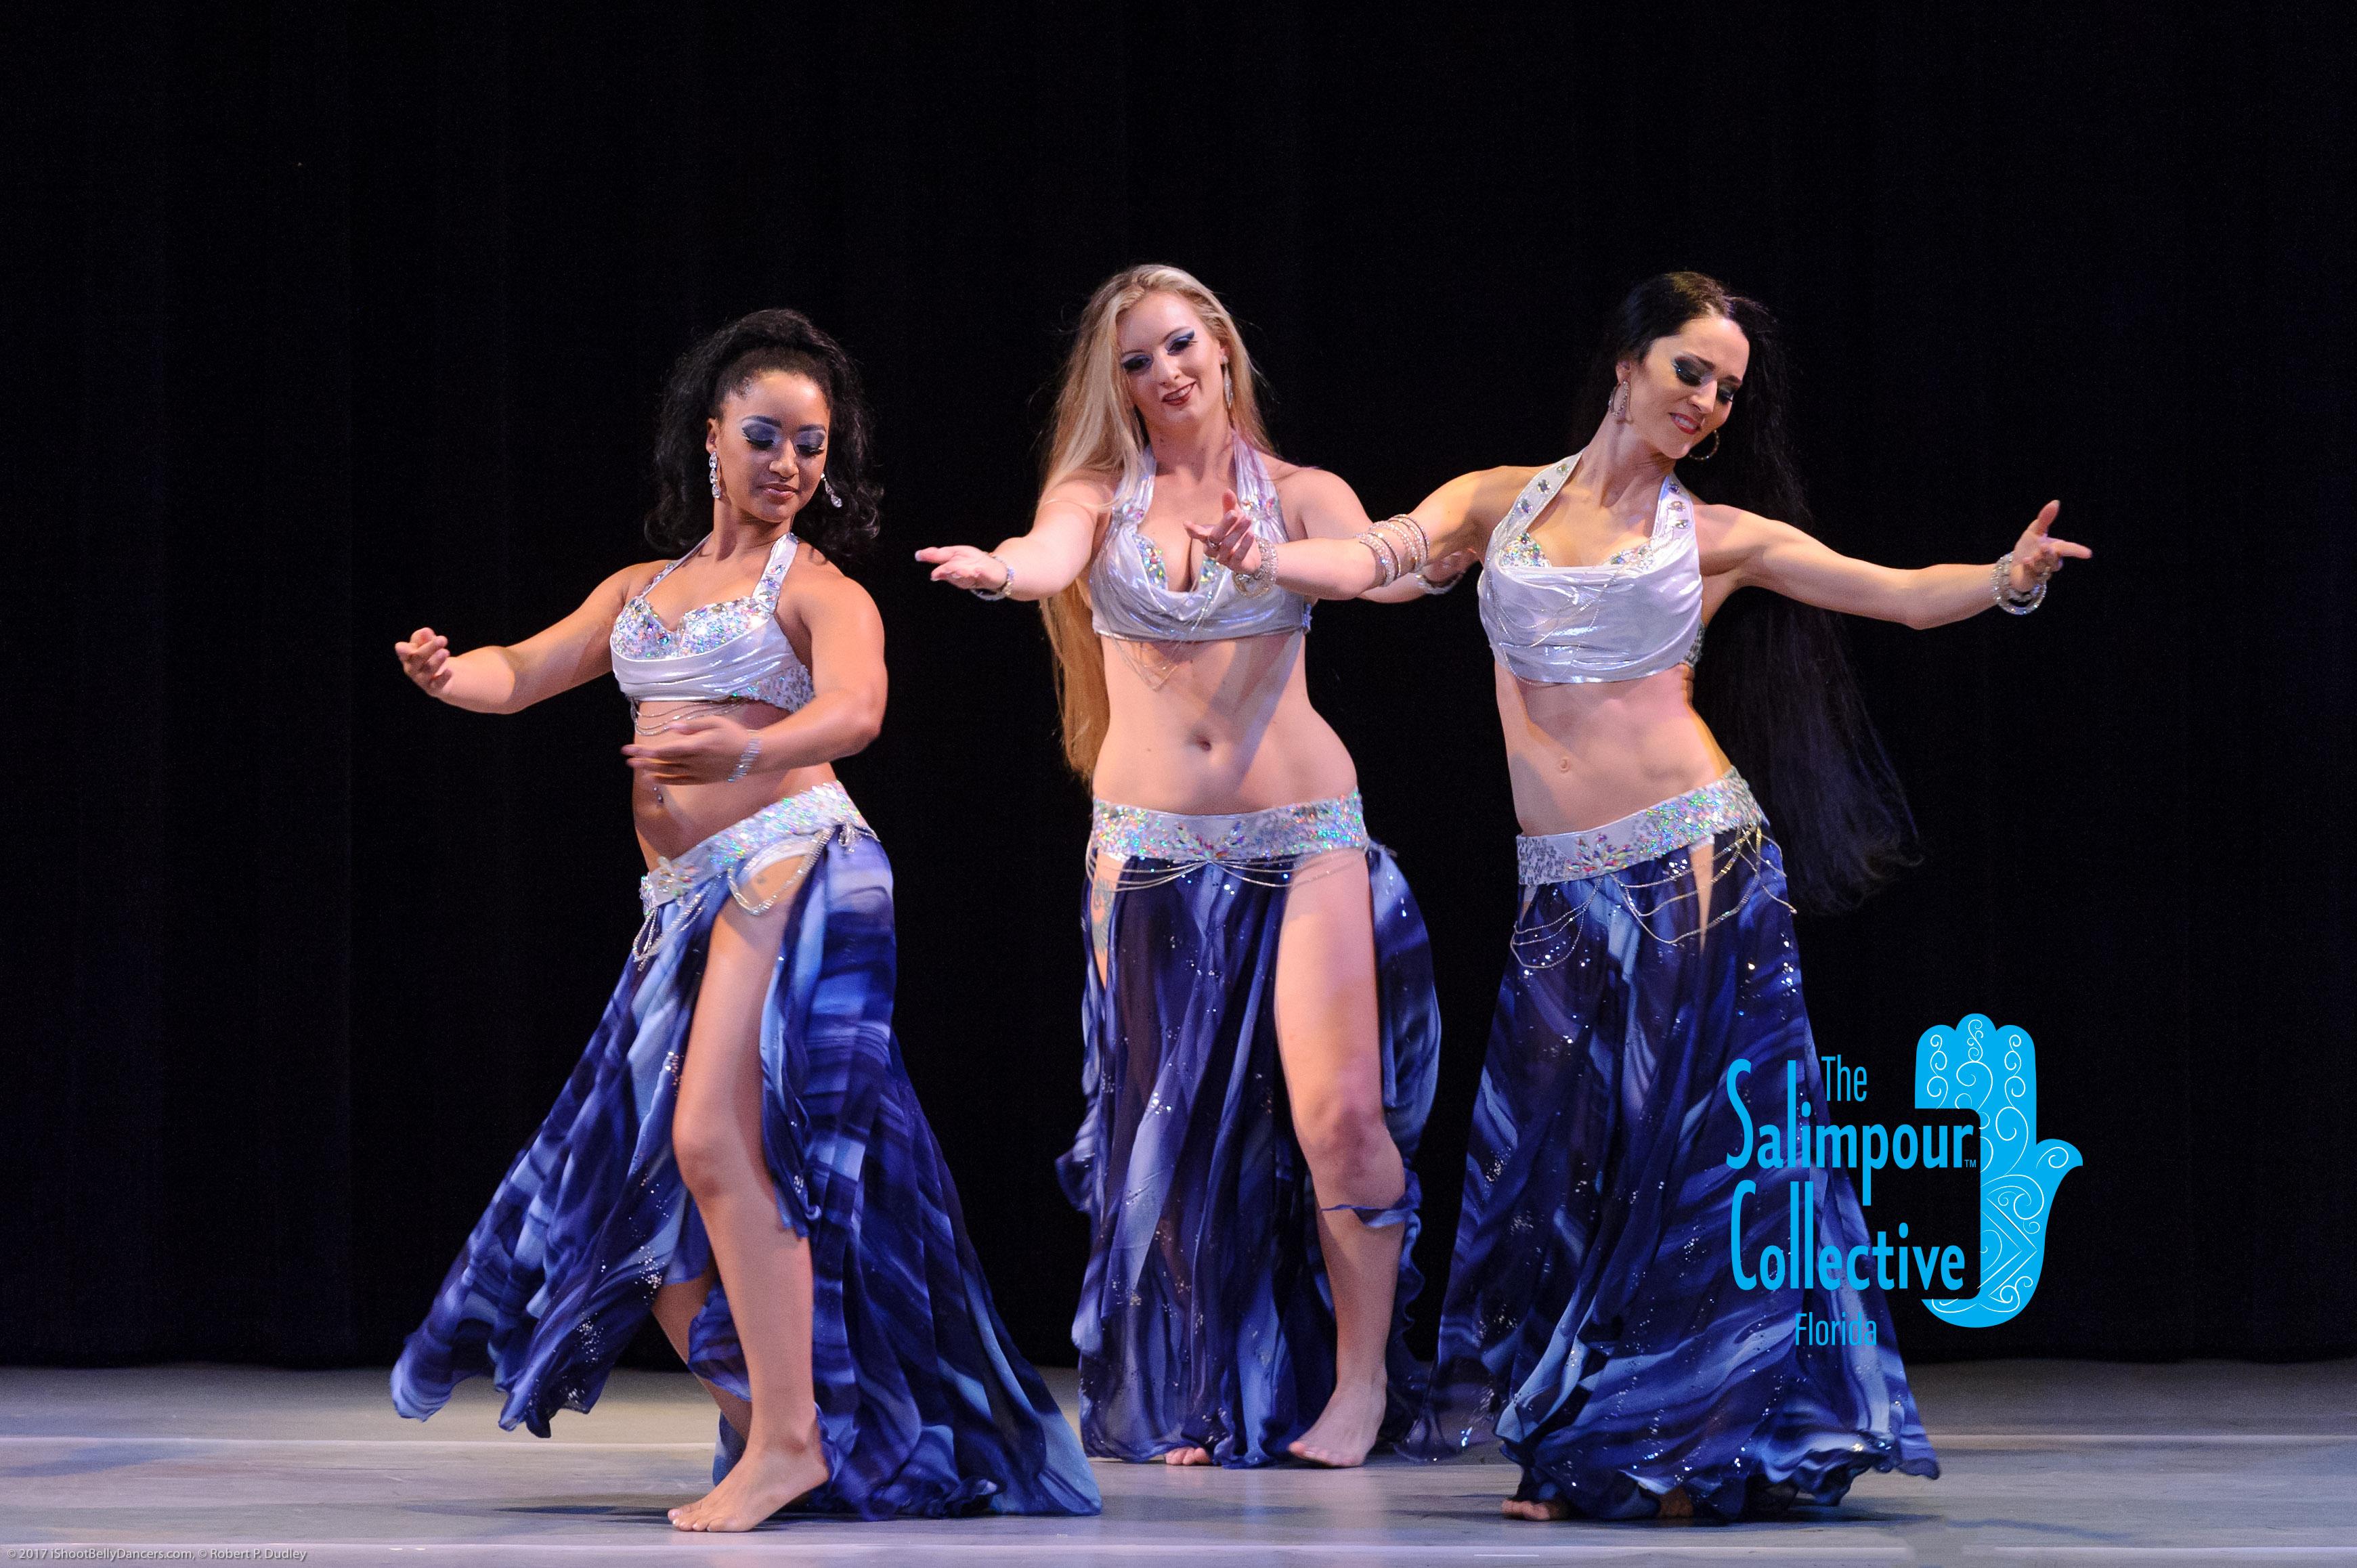 Dancers com photos 20